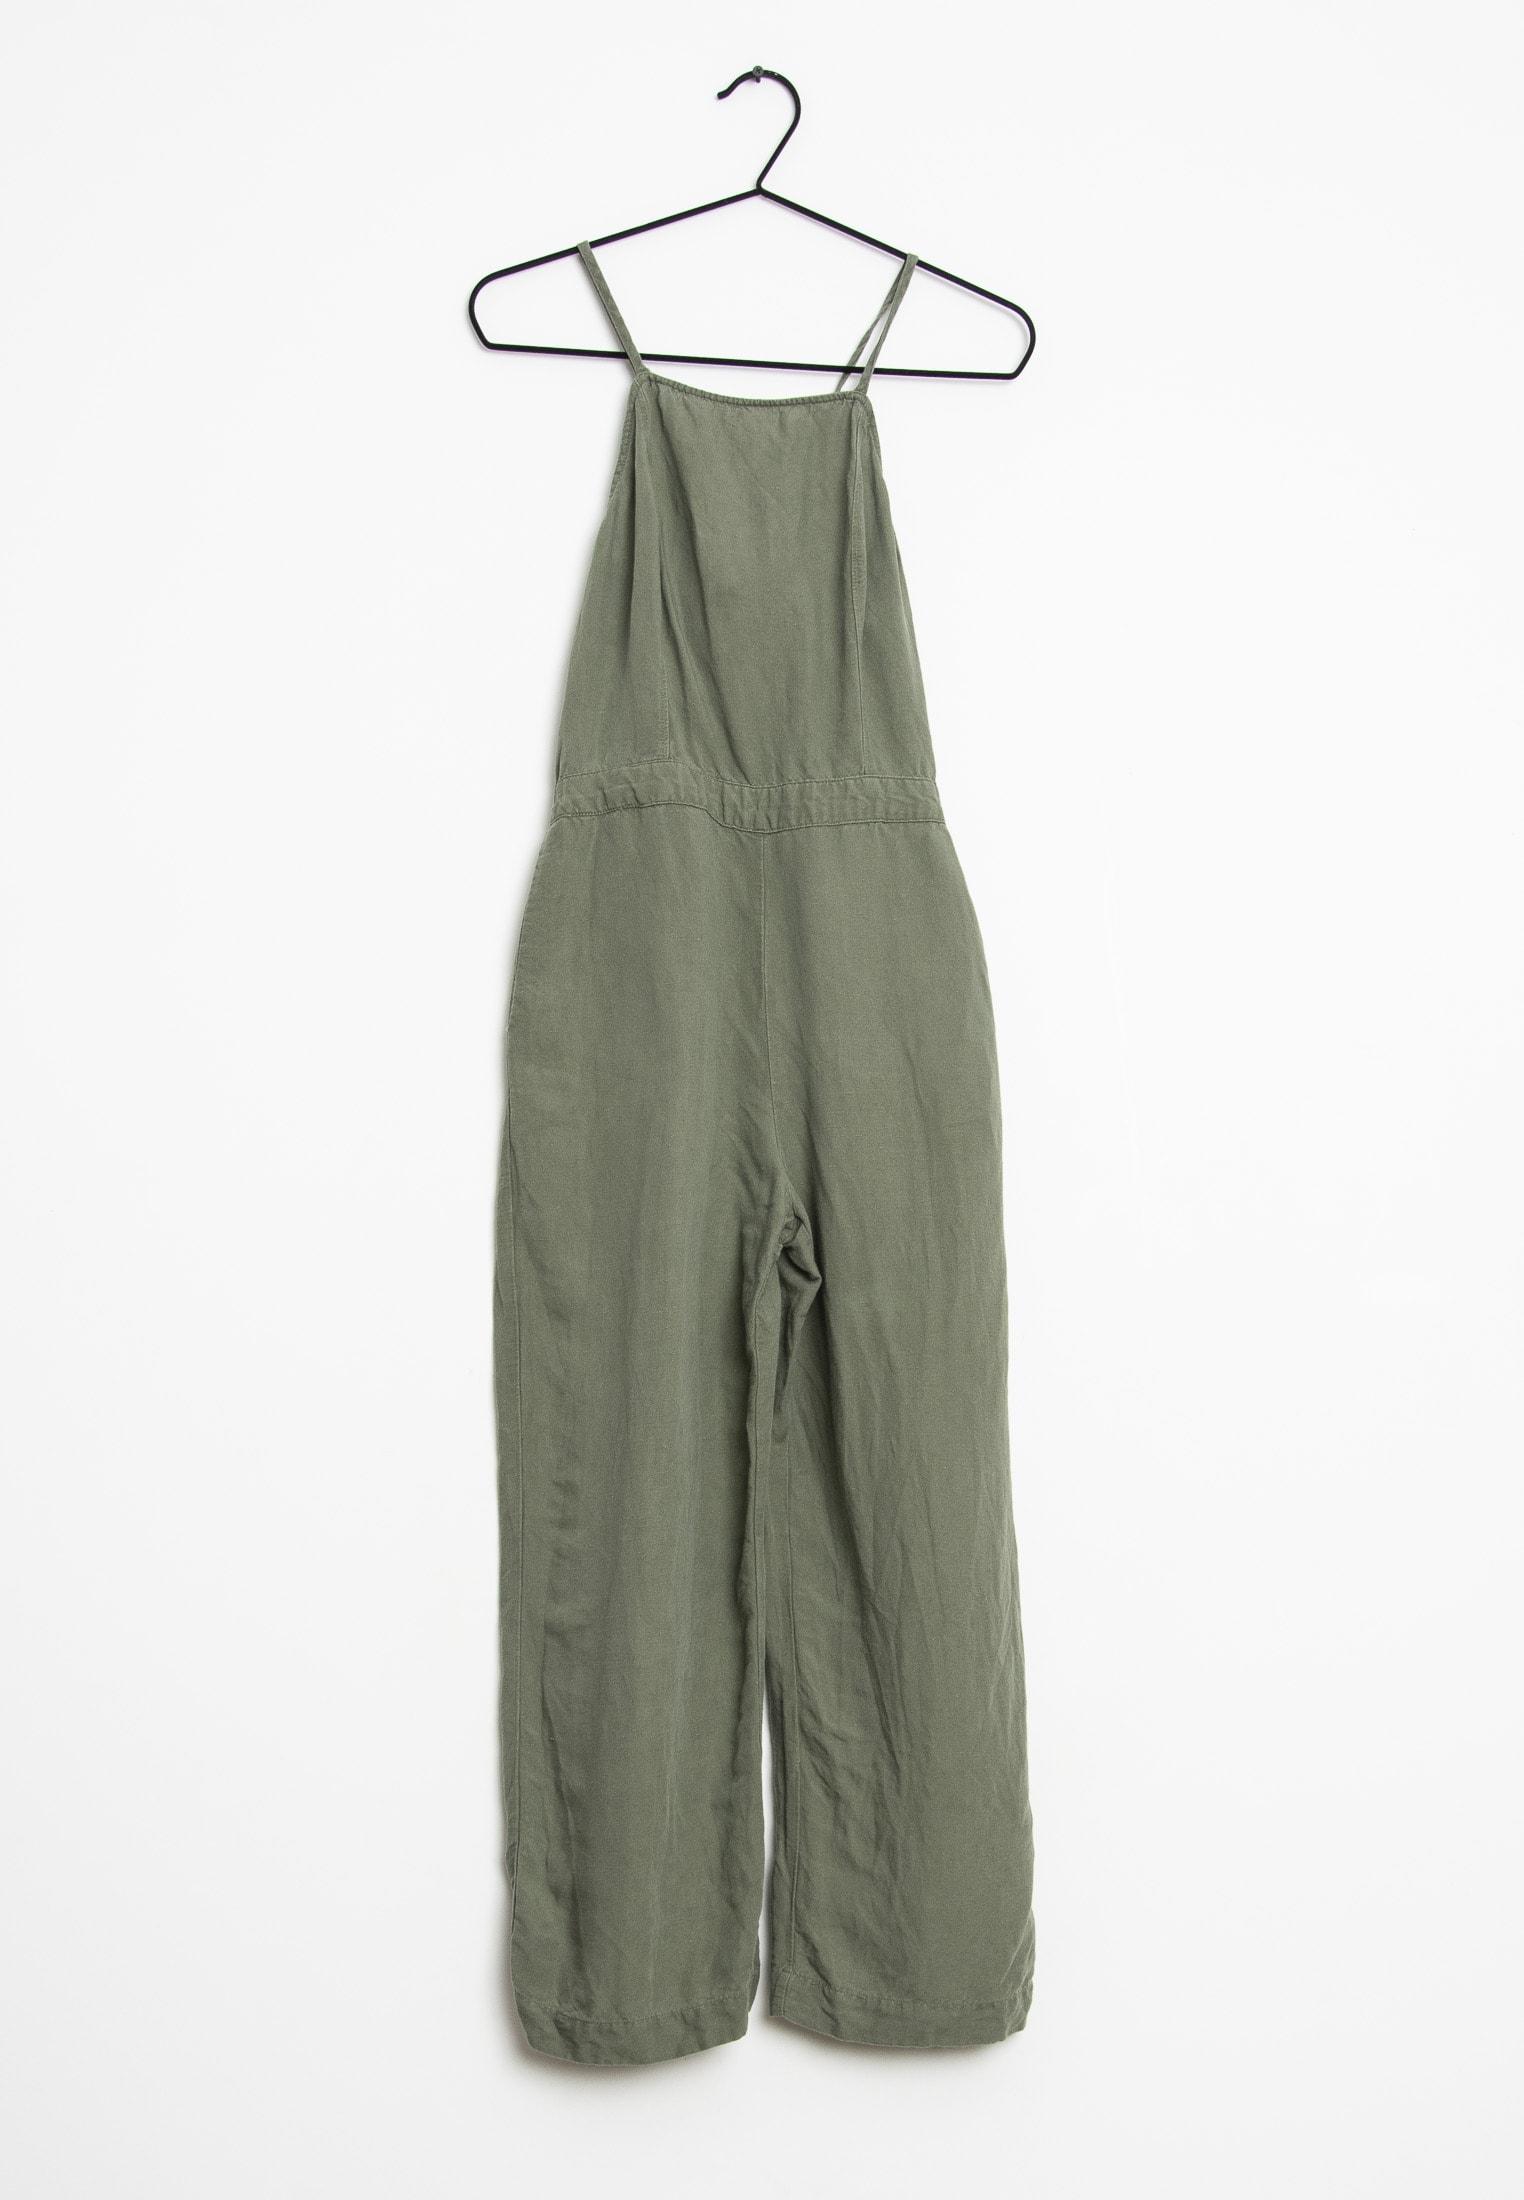 Abercrombie & Fitch Jumpsuit / Overall Grün Gr.XXS